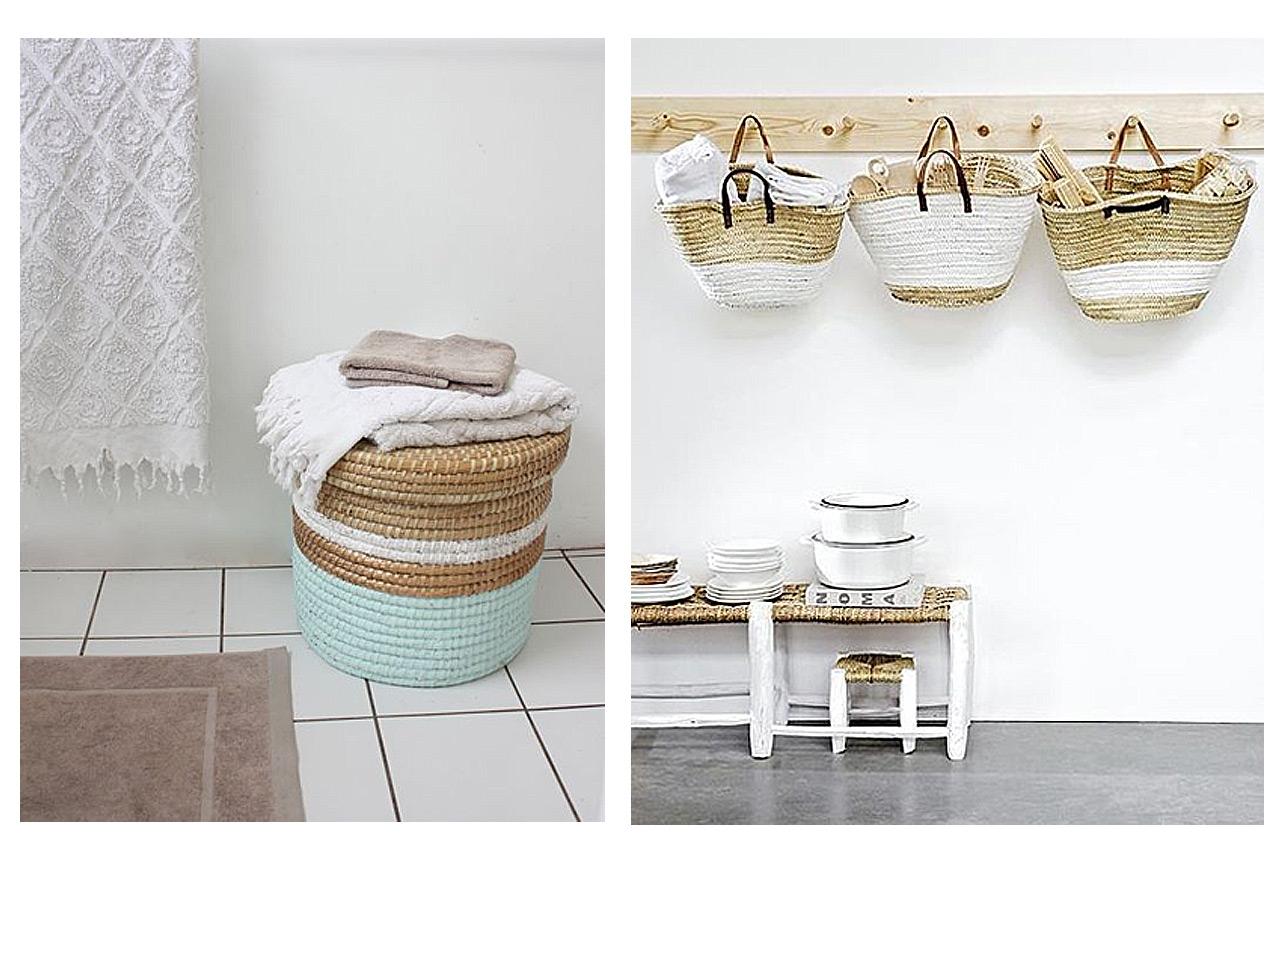 Todo vuelve decoraci m con cestas de mimbre y muebles de - Cestas de esparto ...